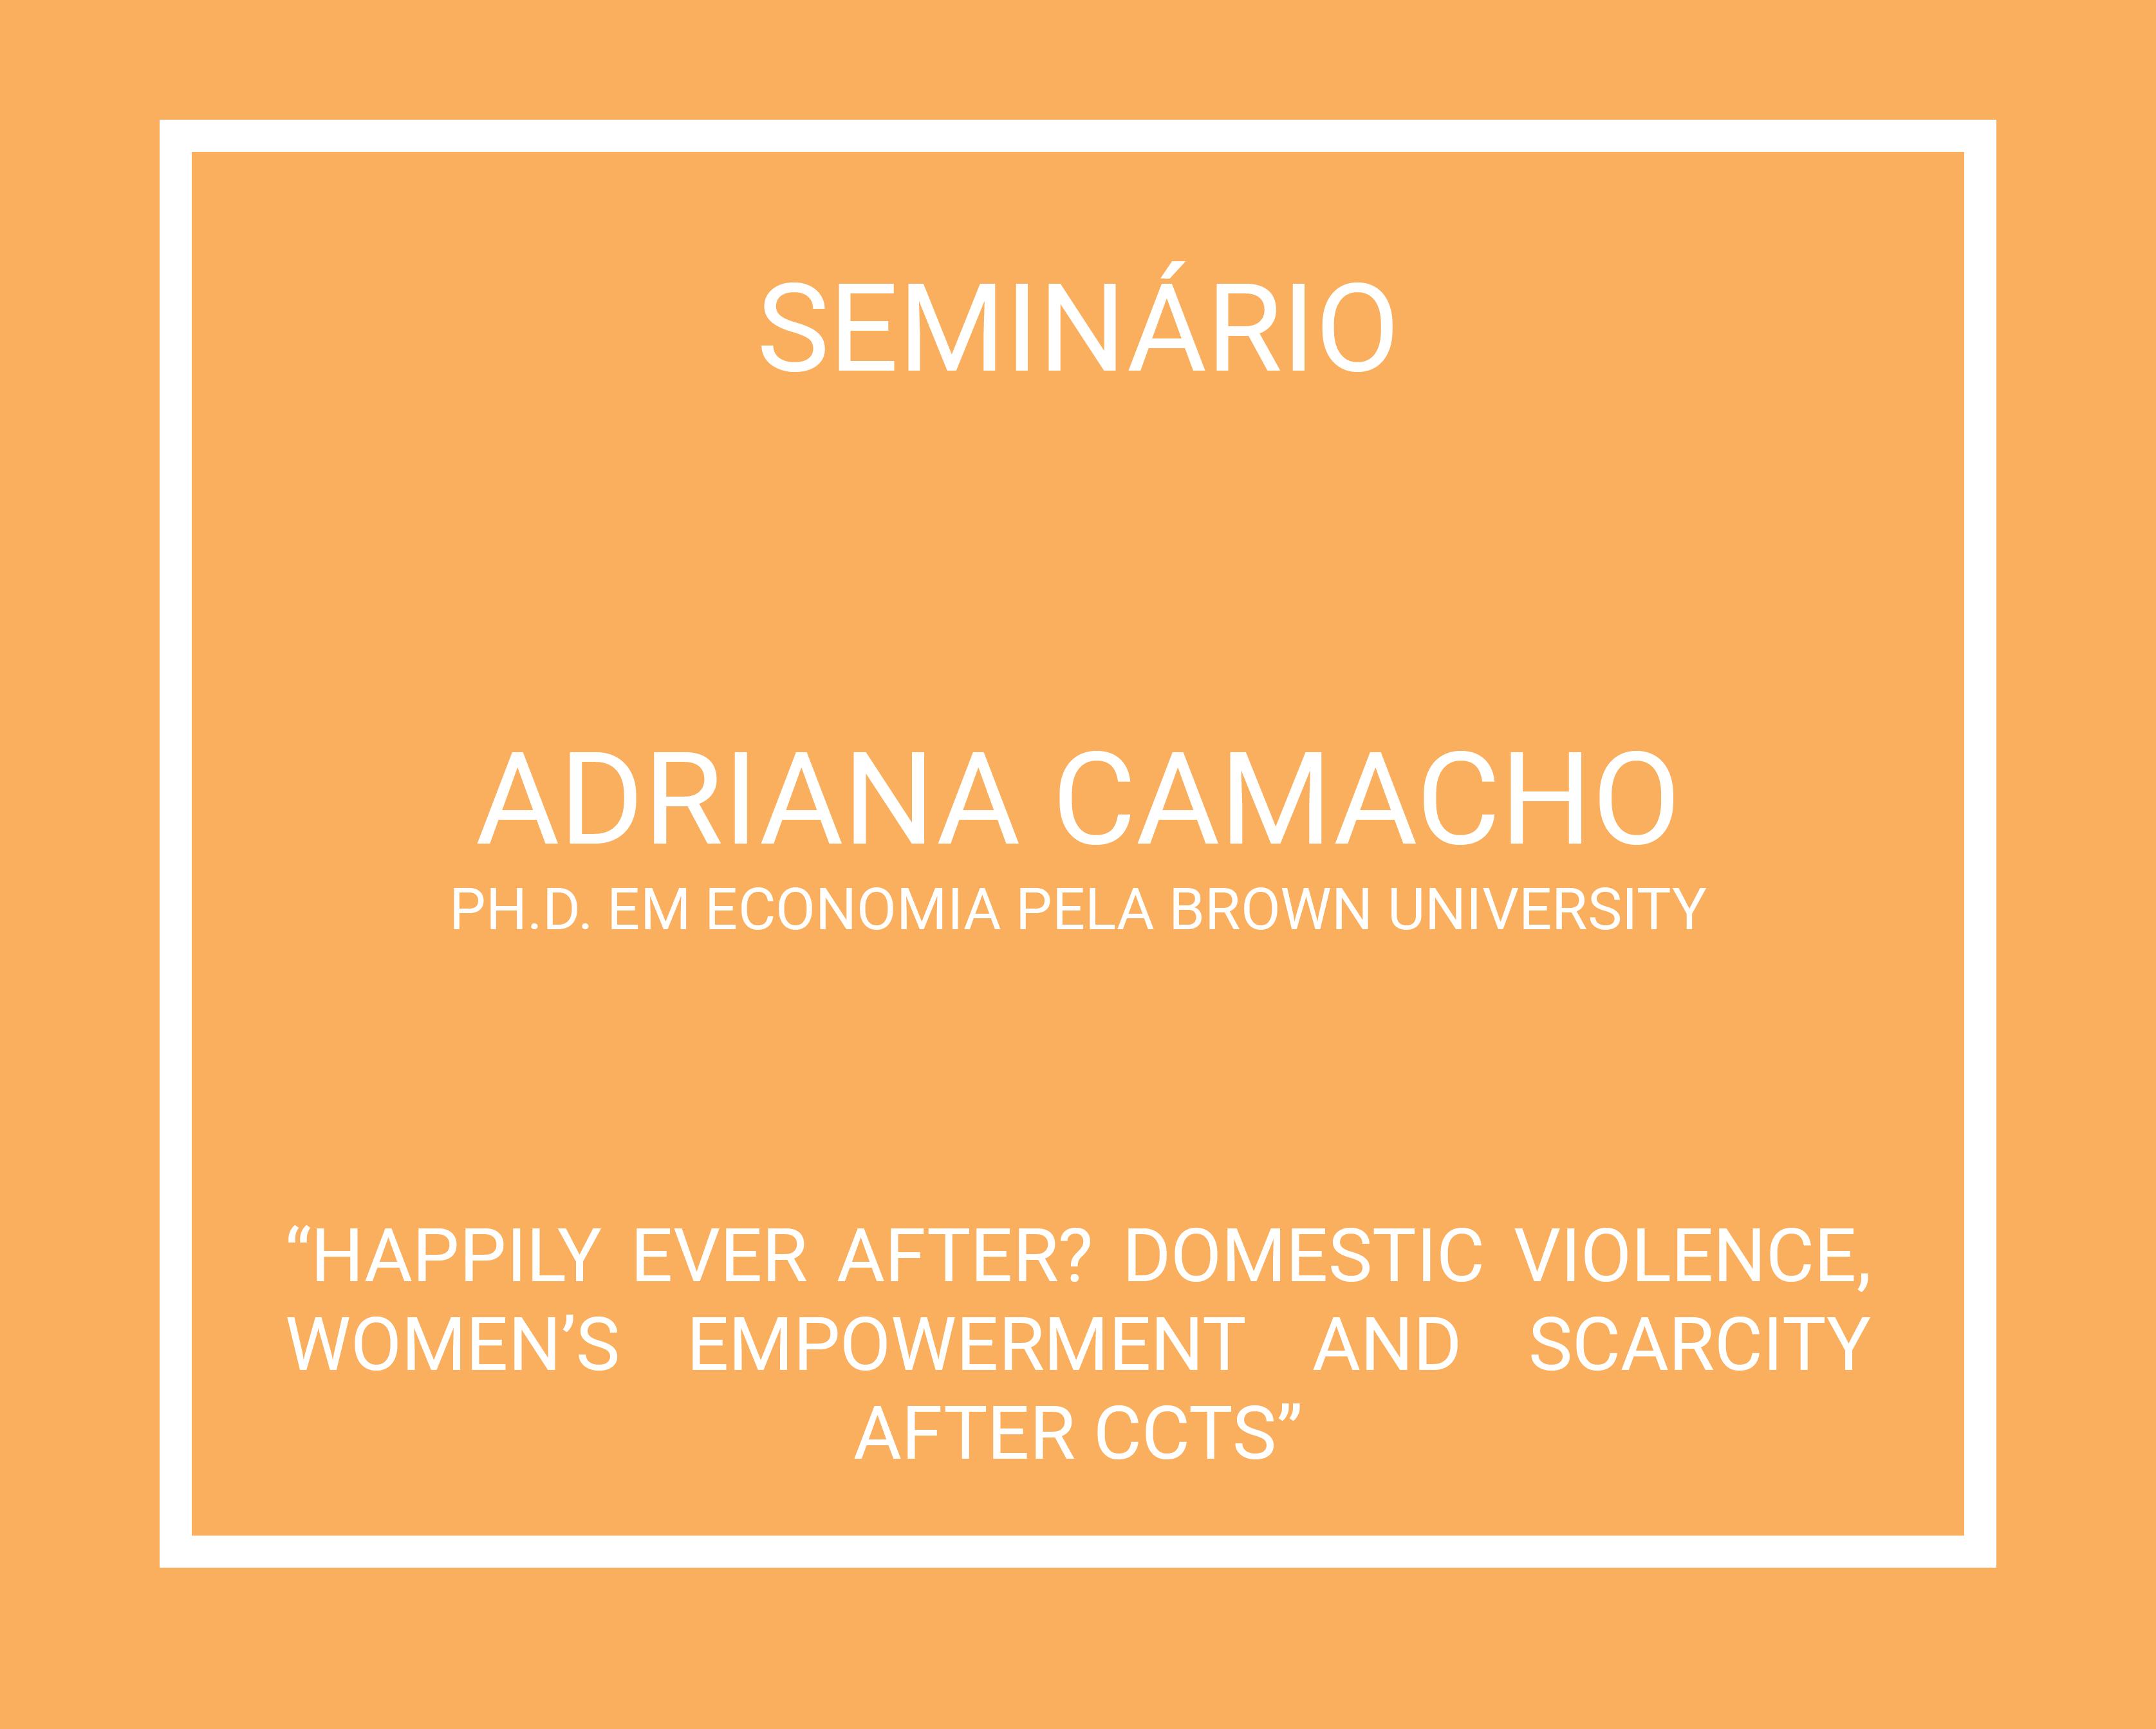 Adriana Camacho